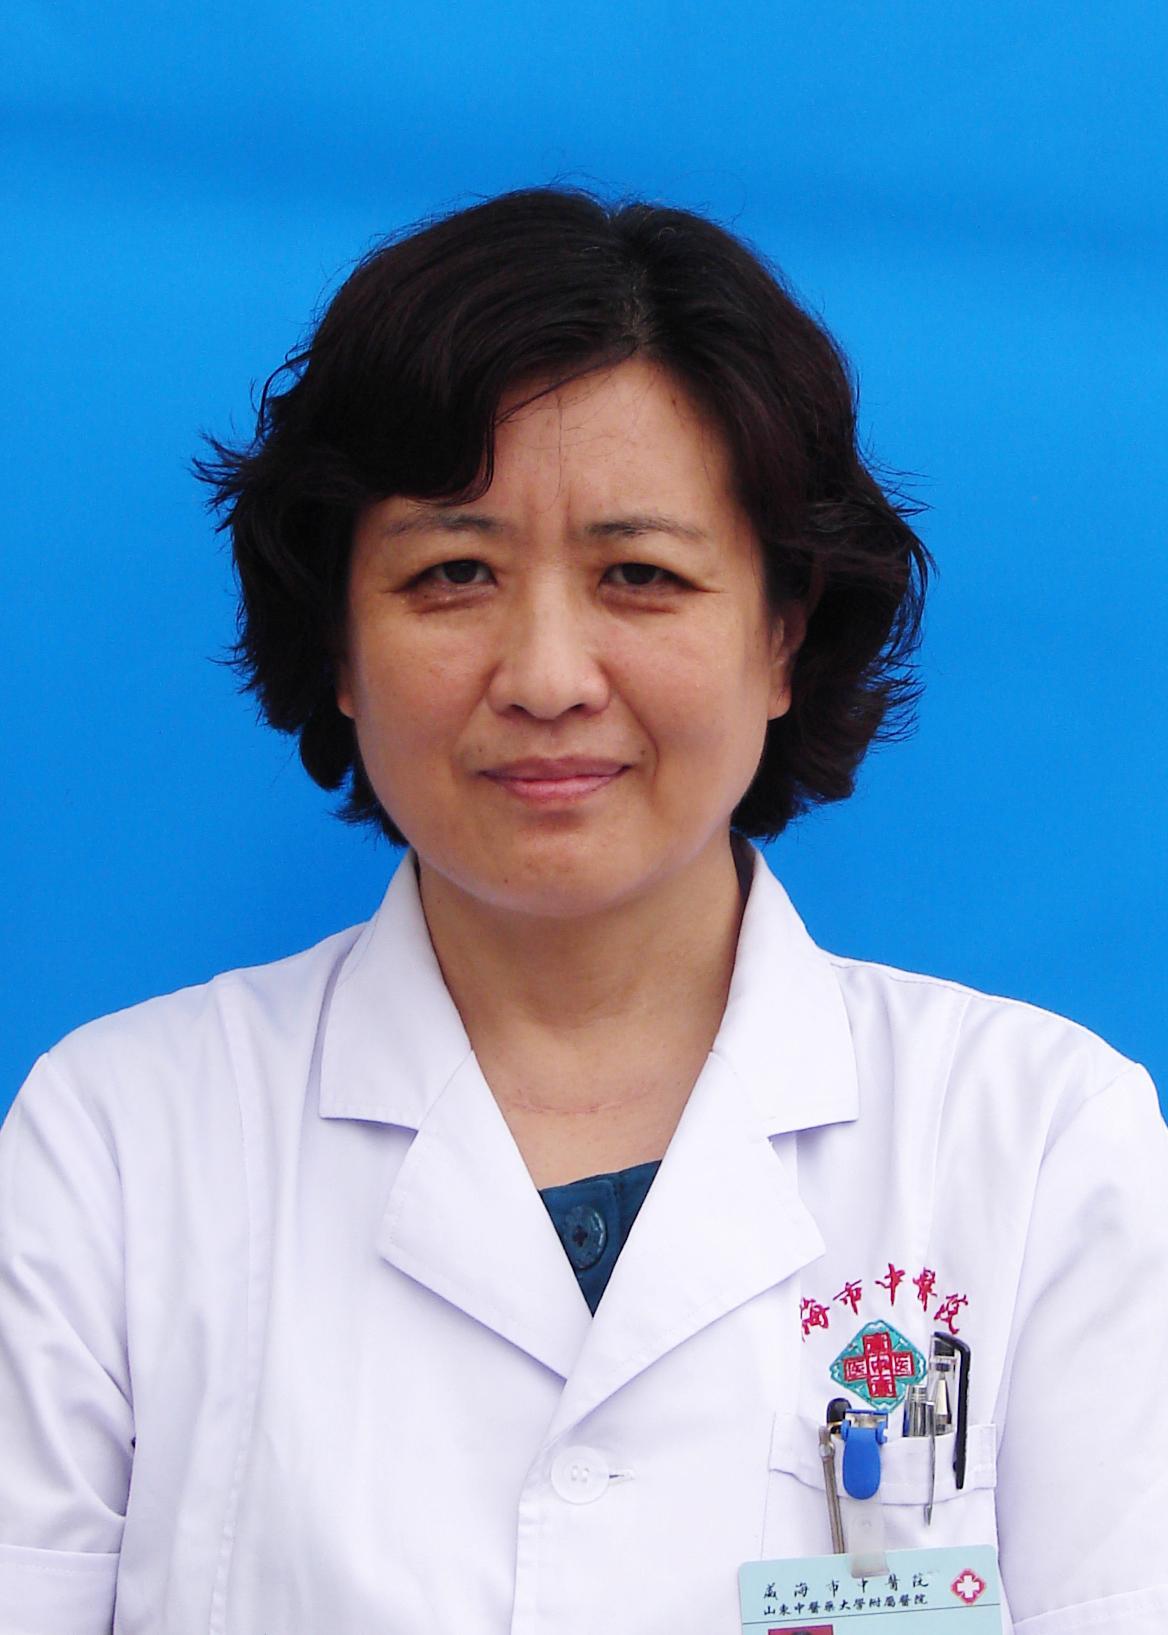 威海市中医院|杨春 副主任医师